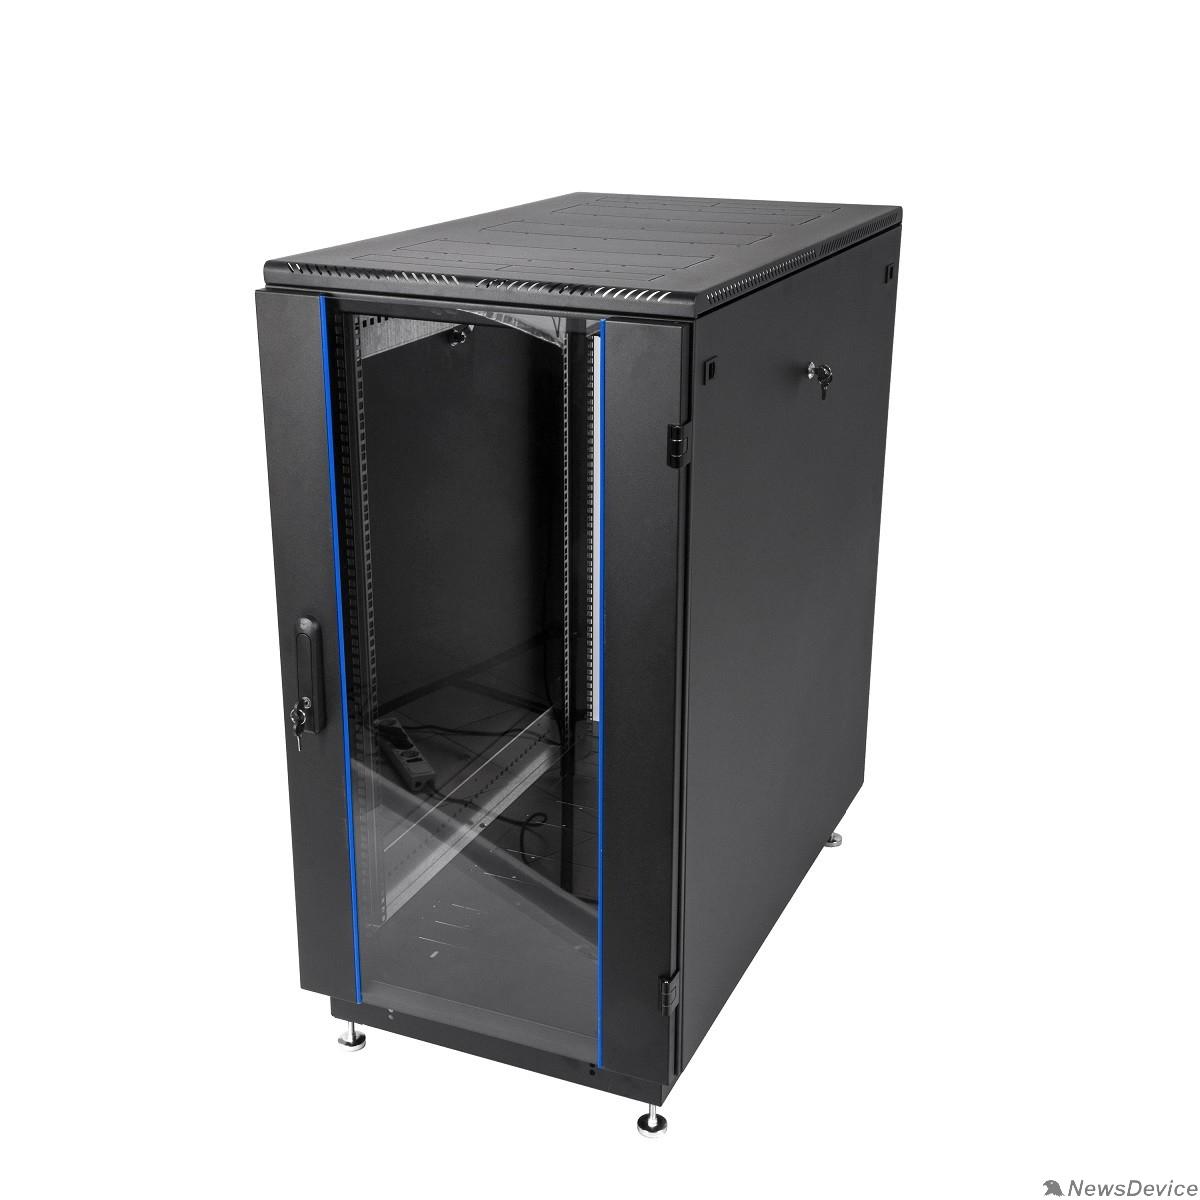 Монтажное оборудование ЦМО Шкаф телекоммуникационный напольный 27U (600 х 800) дверь стекло, цвет чёрный (ШТК-М-27.6.8-1ААА-9005)